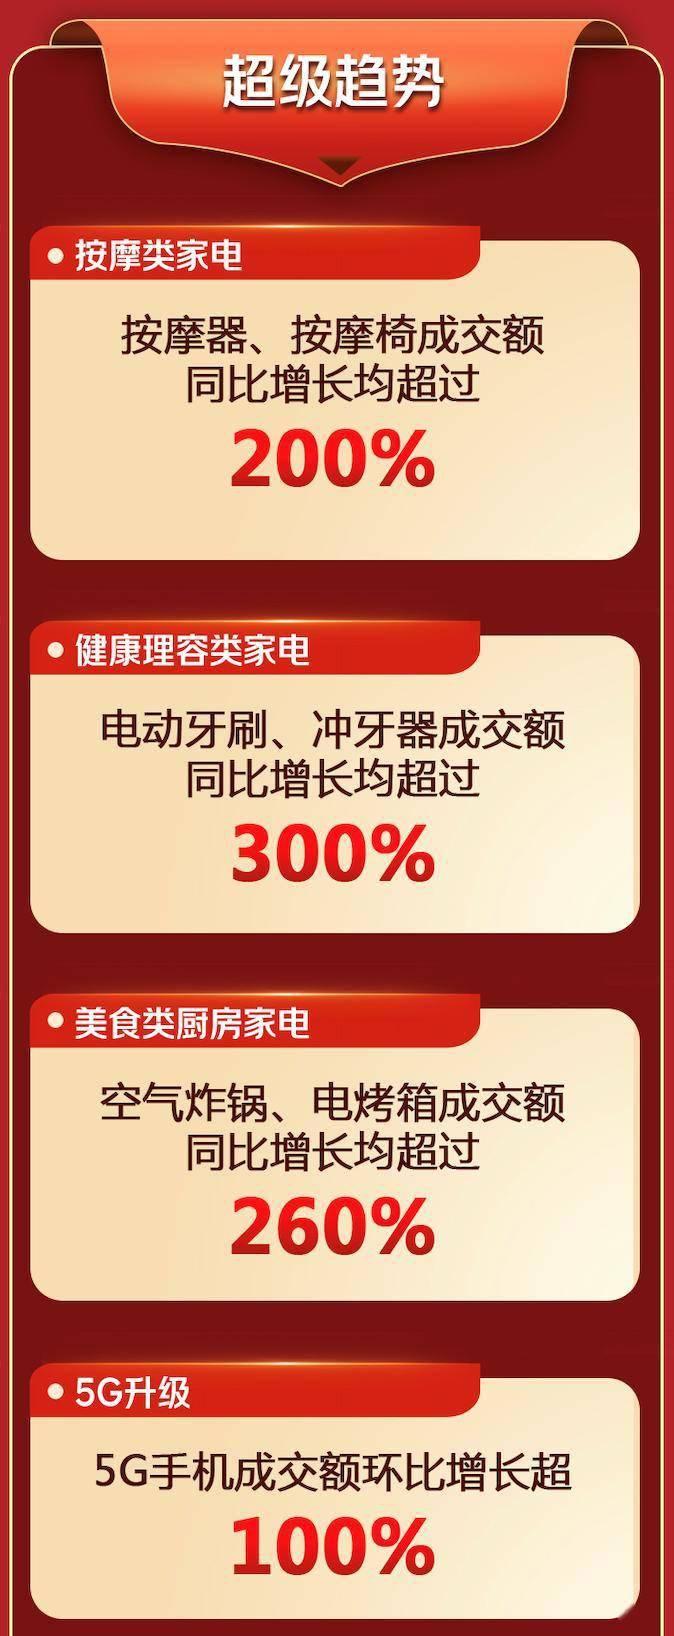 家电、手机、电脑数码品类增长超200% 915京东电器超品日再创佳绩-家电圈